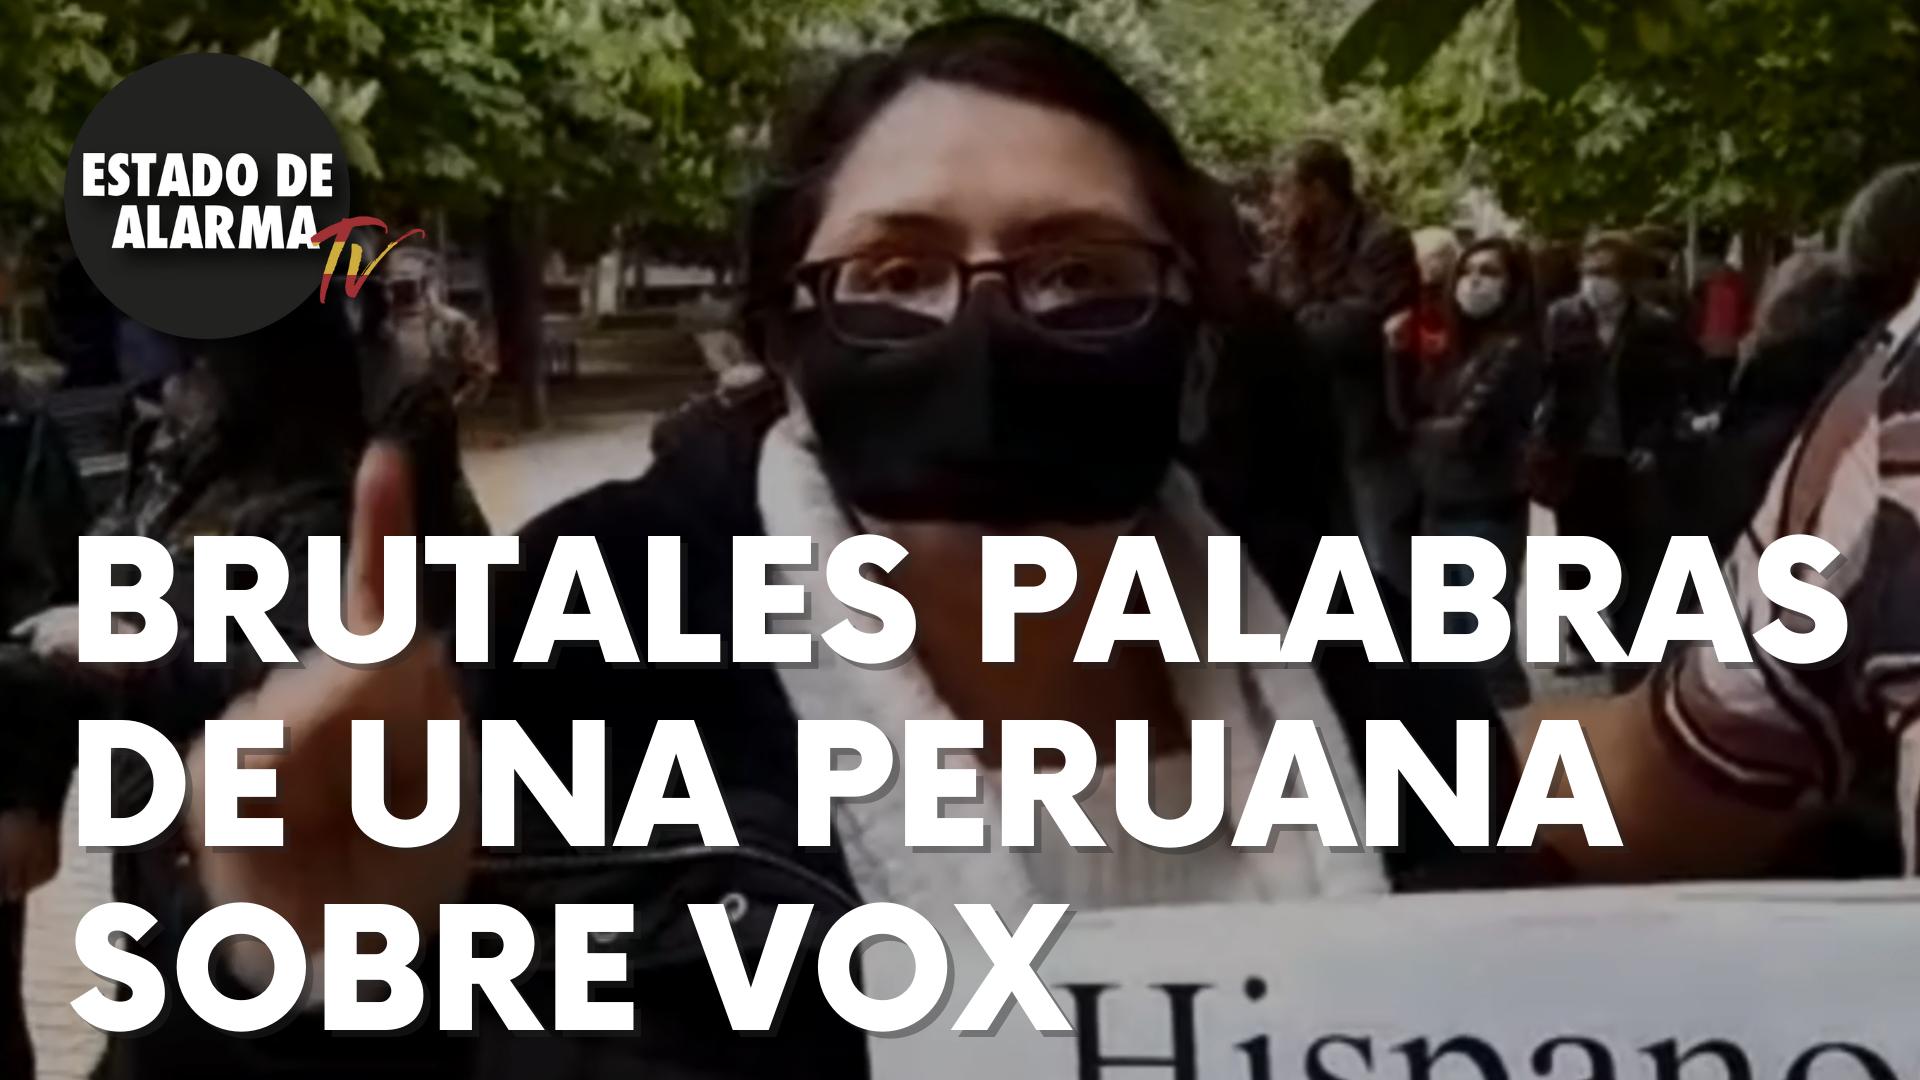 Brutales palabras de una inmigrante peruana sobre Vox que no dejan indiferente a nadie